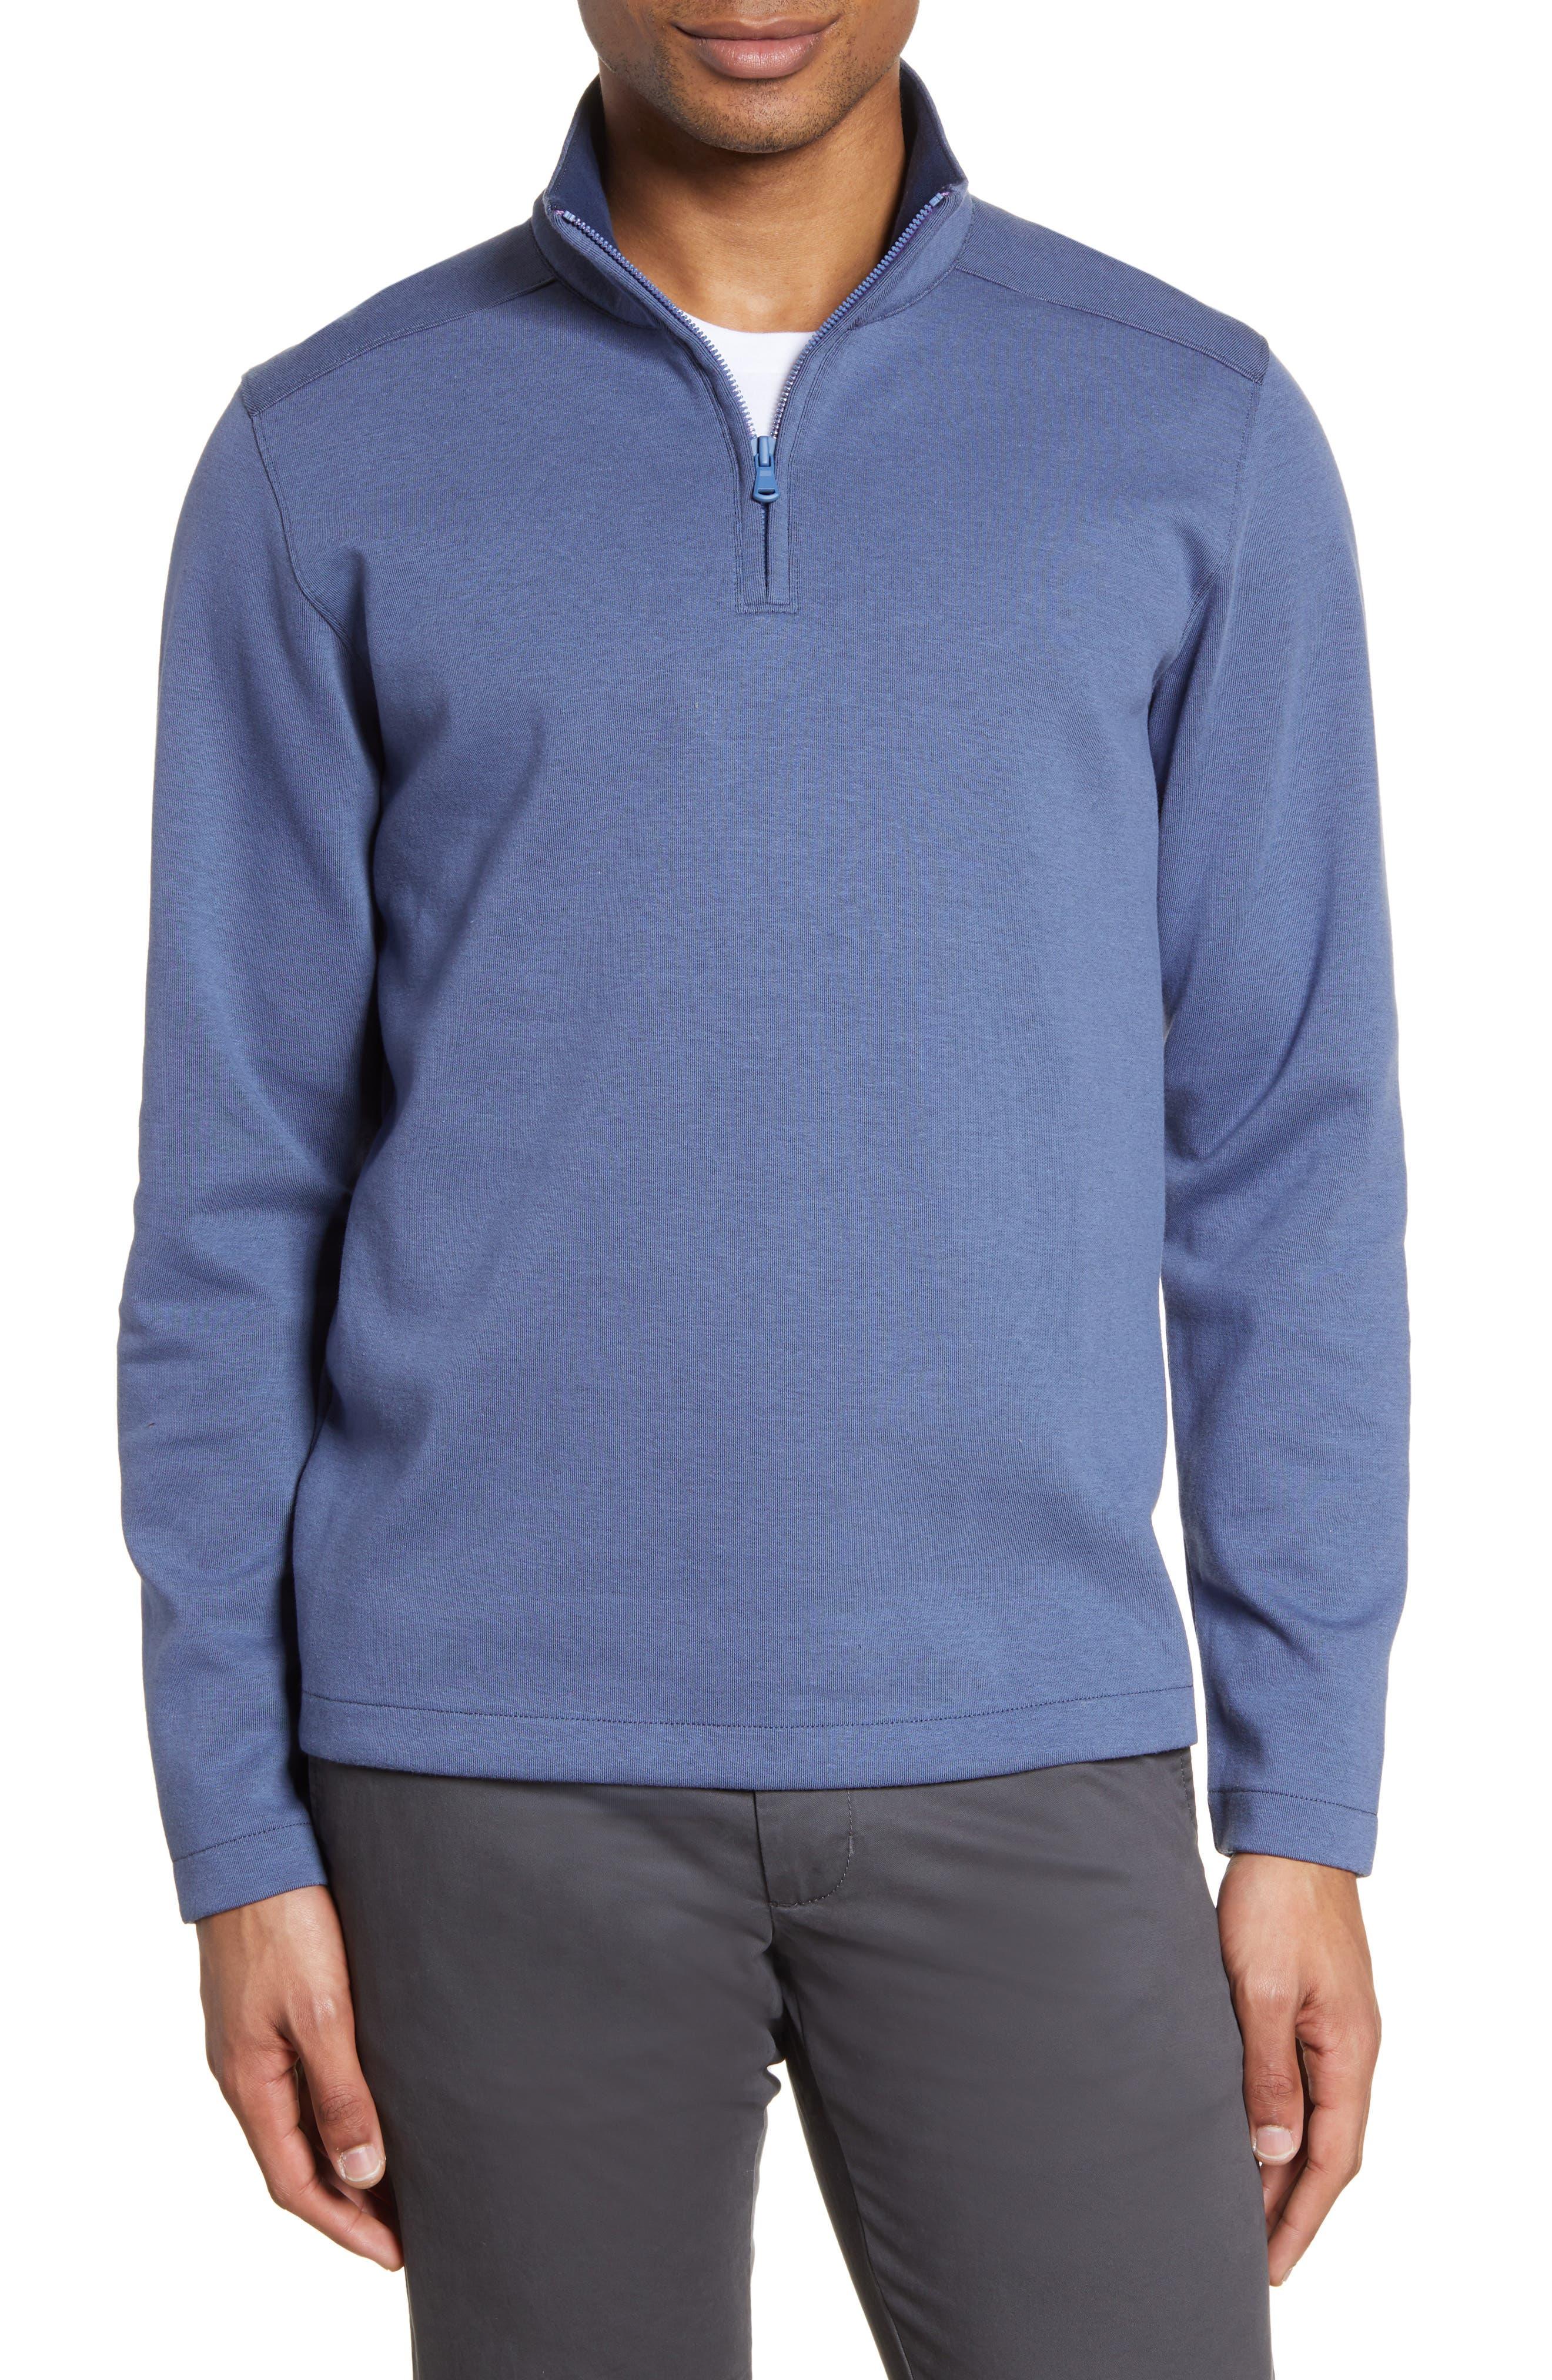 Mens Slim Fit HEATHER BLACK PURPLE DARK BLUE GREY MARL Hoodie Hooded Sweatshirt